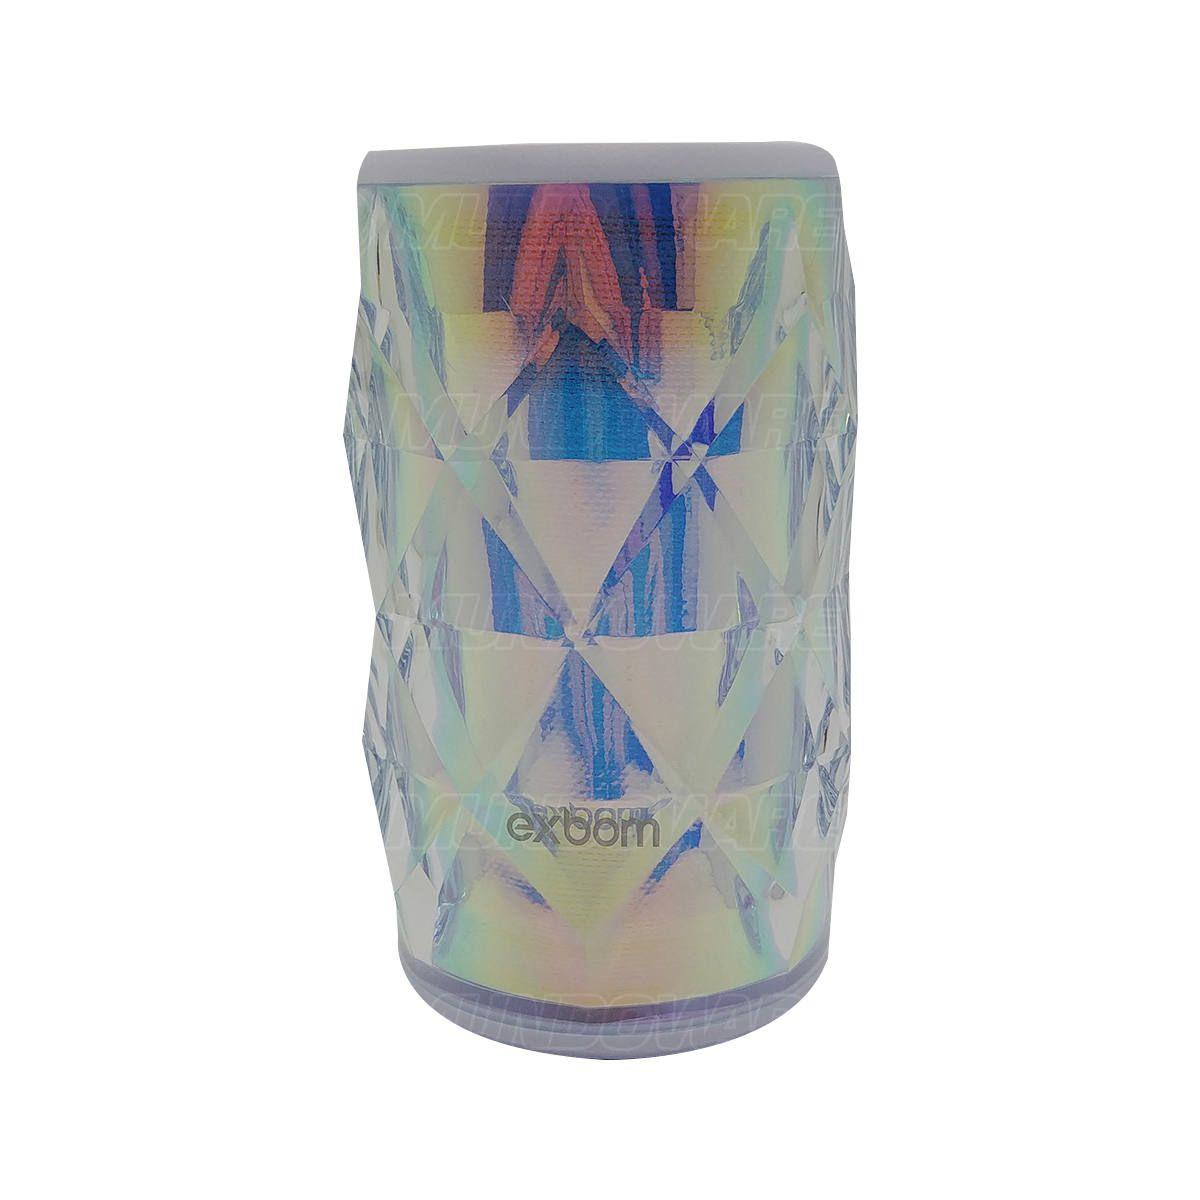 Caixa de Som Bluetooth Design Cristal Iluminação em LED Colorido RGB Rádio FM Cartão SD Exbom CS-M54BT Branca